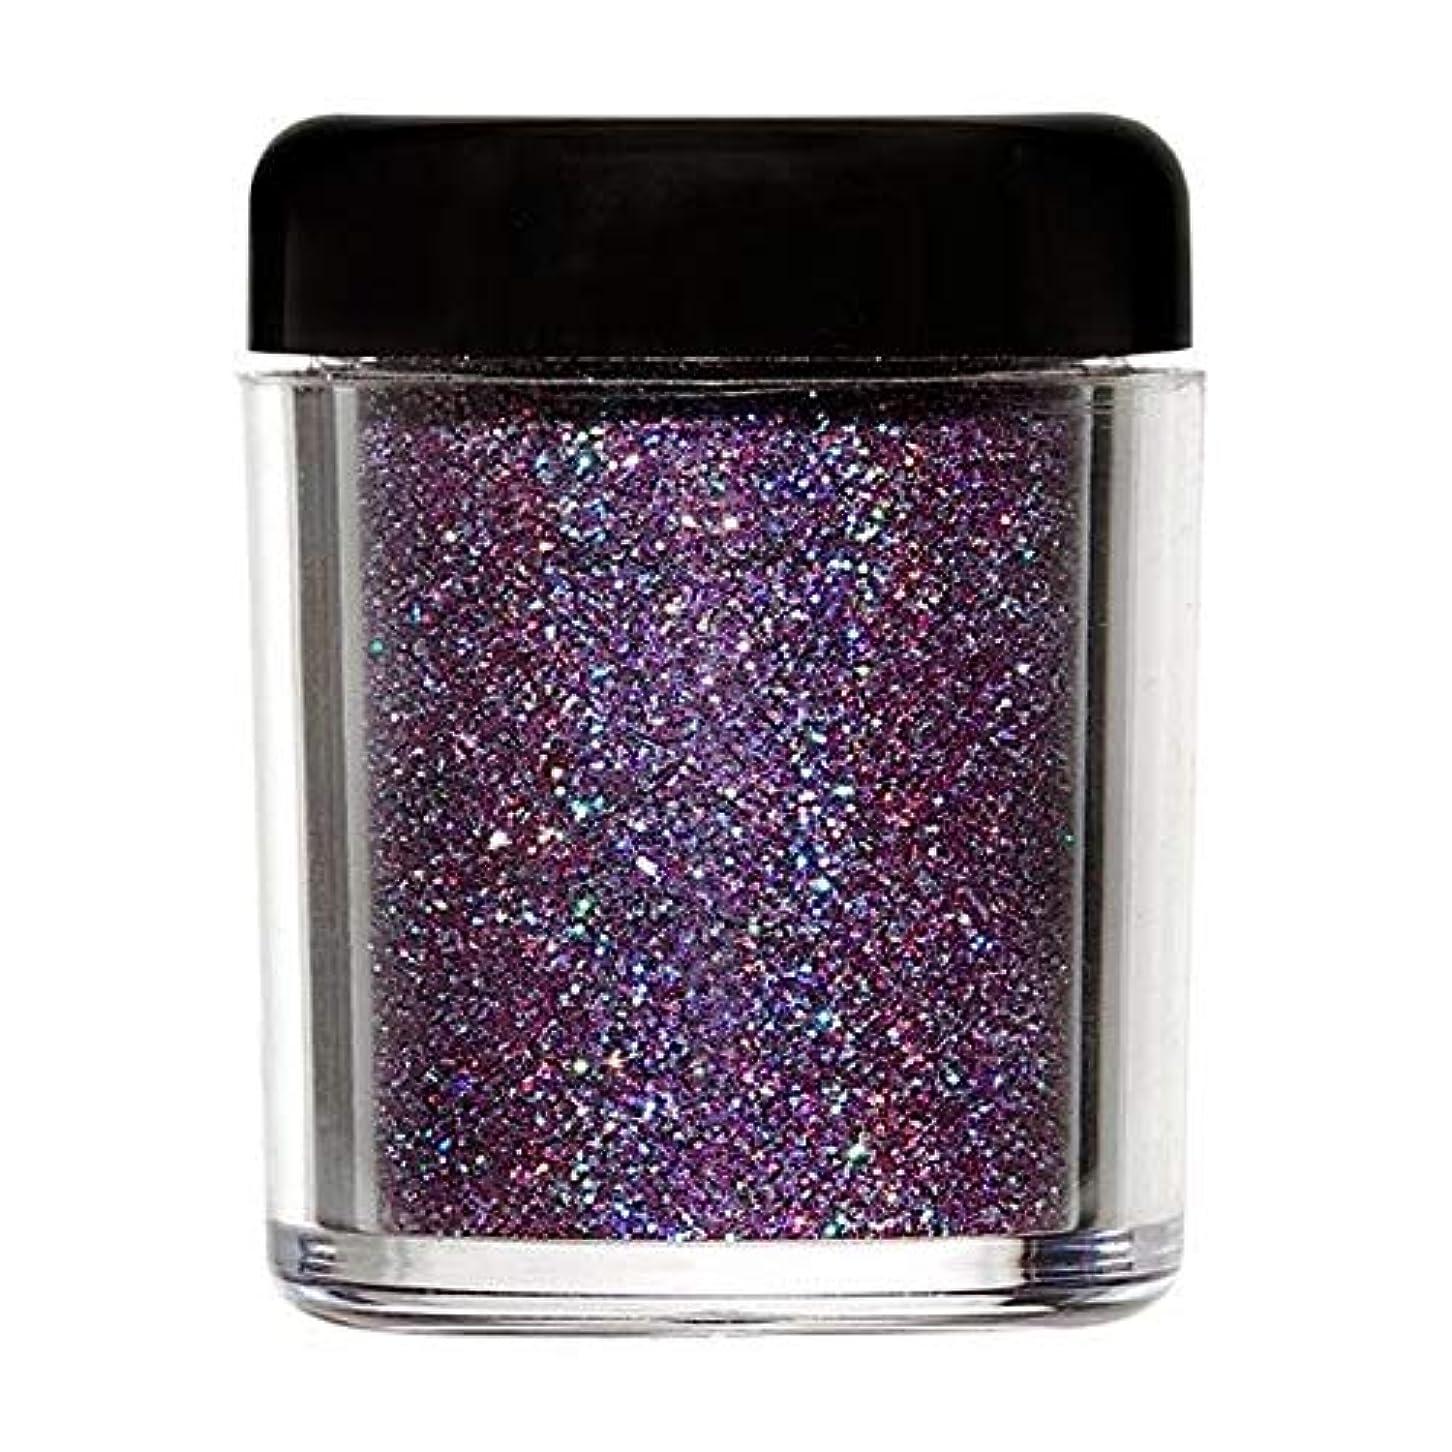 沈黙ボルト高める[Barry M ] バリーメートルのグリッターラッシュボディの輝き - 紫外線 - Barry M Glitter Rush Body Glitter - Ultraviolet [並行輸入品]